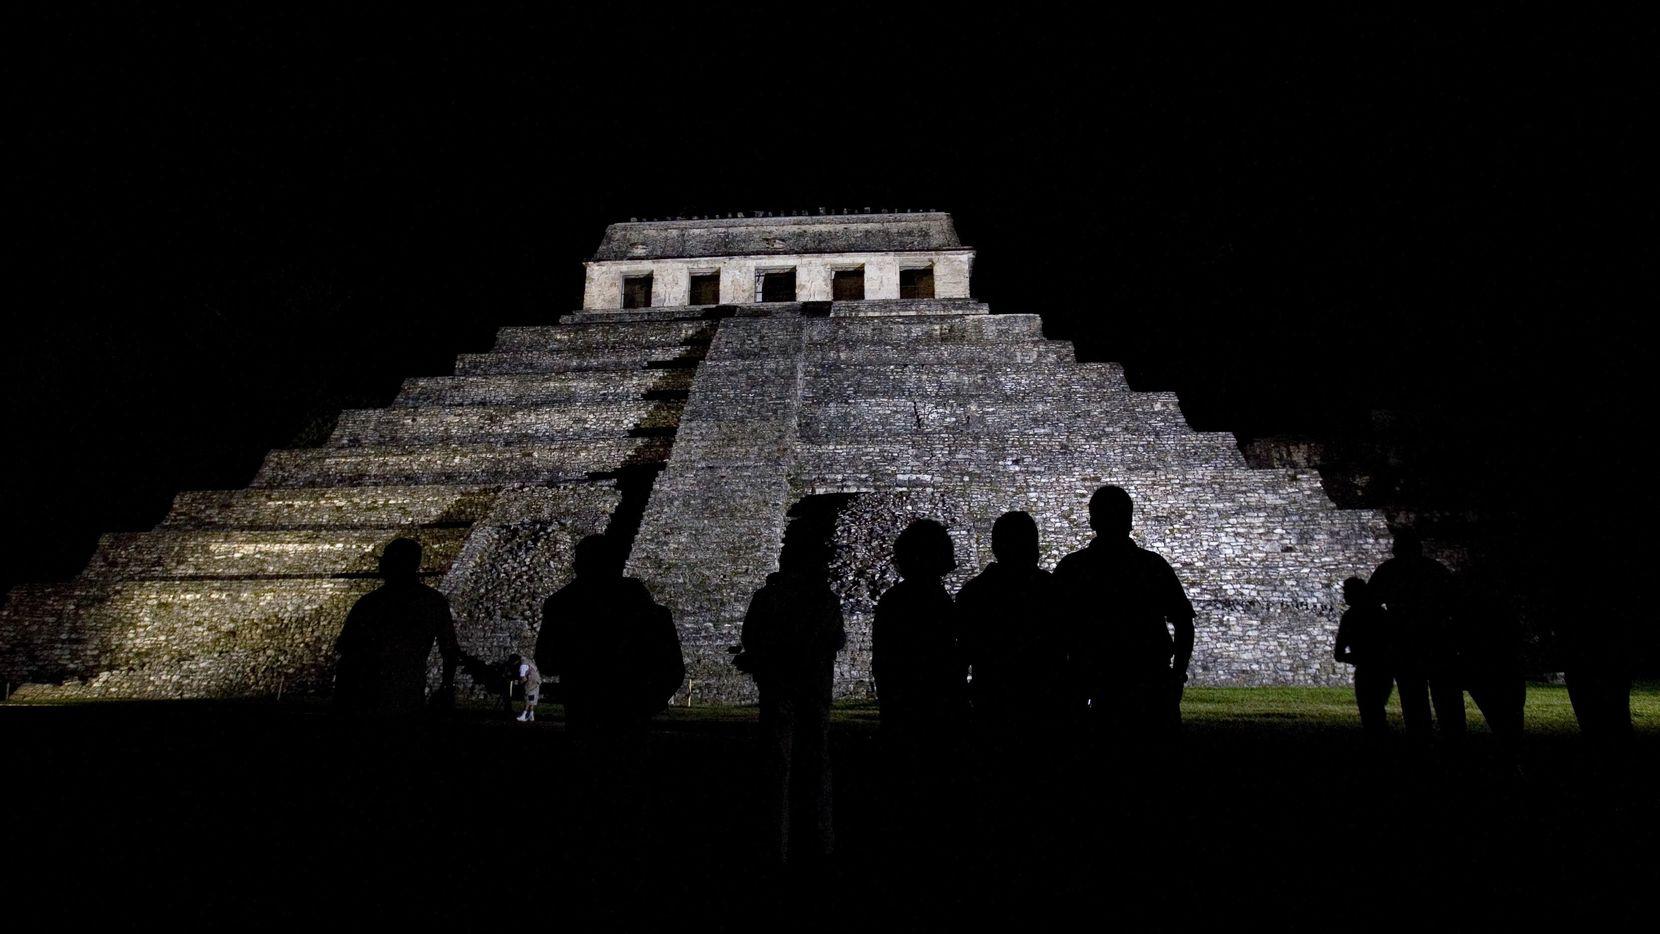 Arqueólogos de Palenque descubrieron un sistema de acueductos subterráneos bajo el Templo de las Inscripciones donde se encuentra la tumba del gobernante maya Pakal. De acuerdo con los arqueólogos el canal fue construido para darle al espíritu de Pakal una vía hacia el inframundo. (AP)